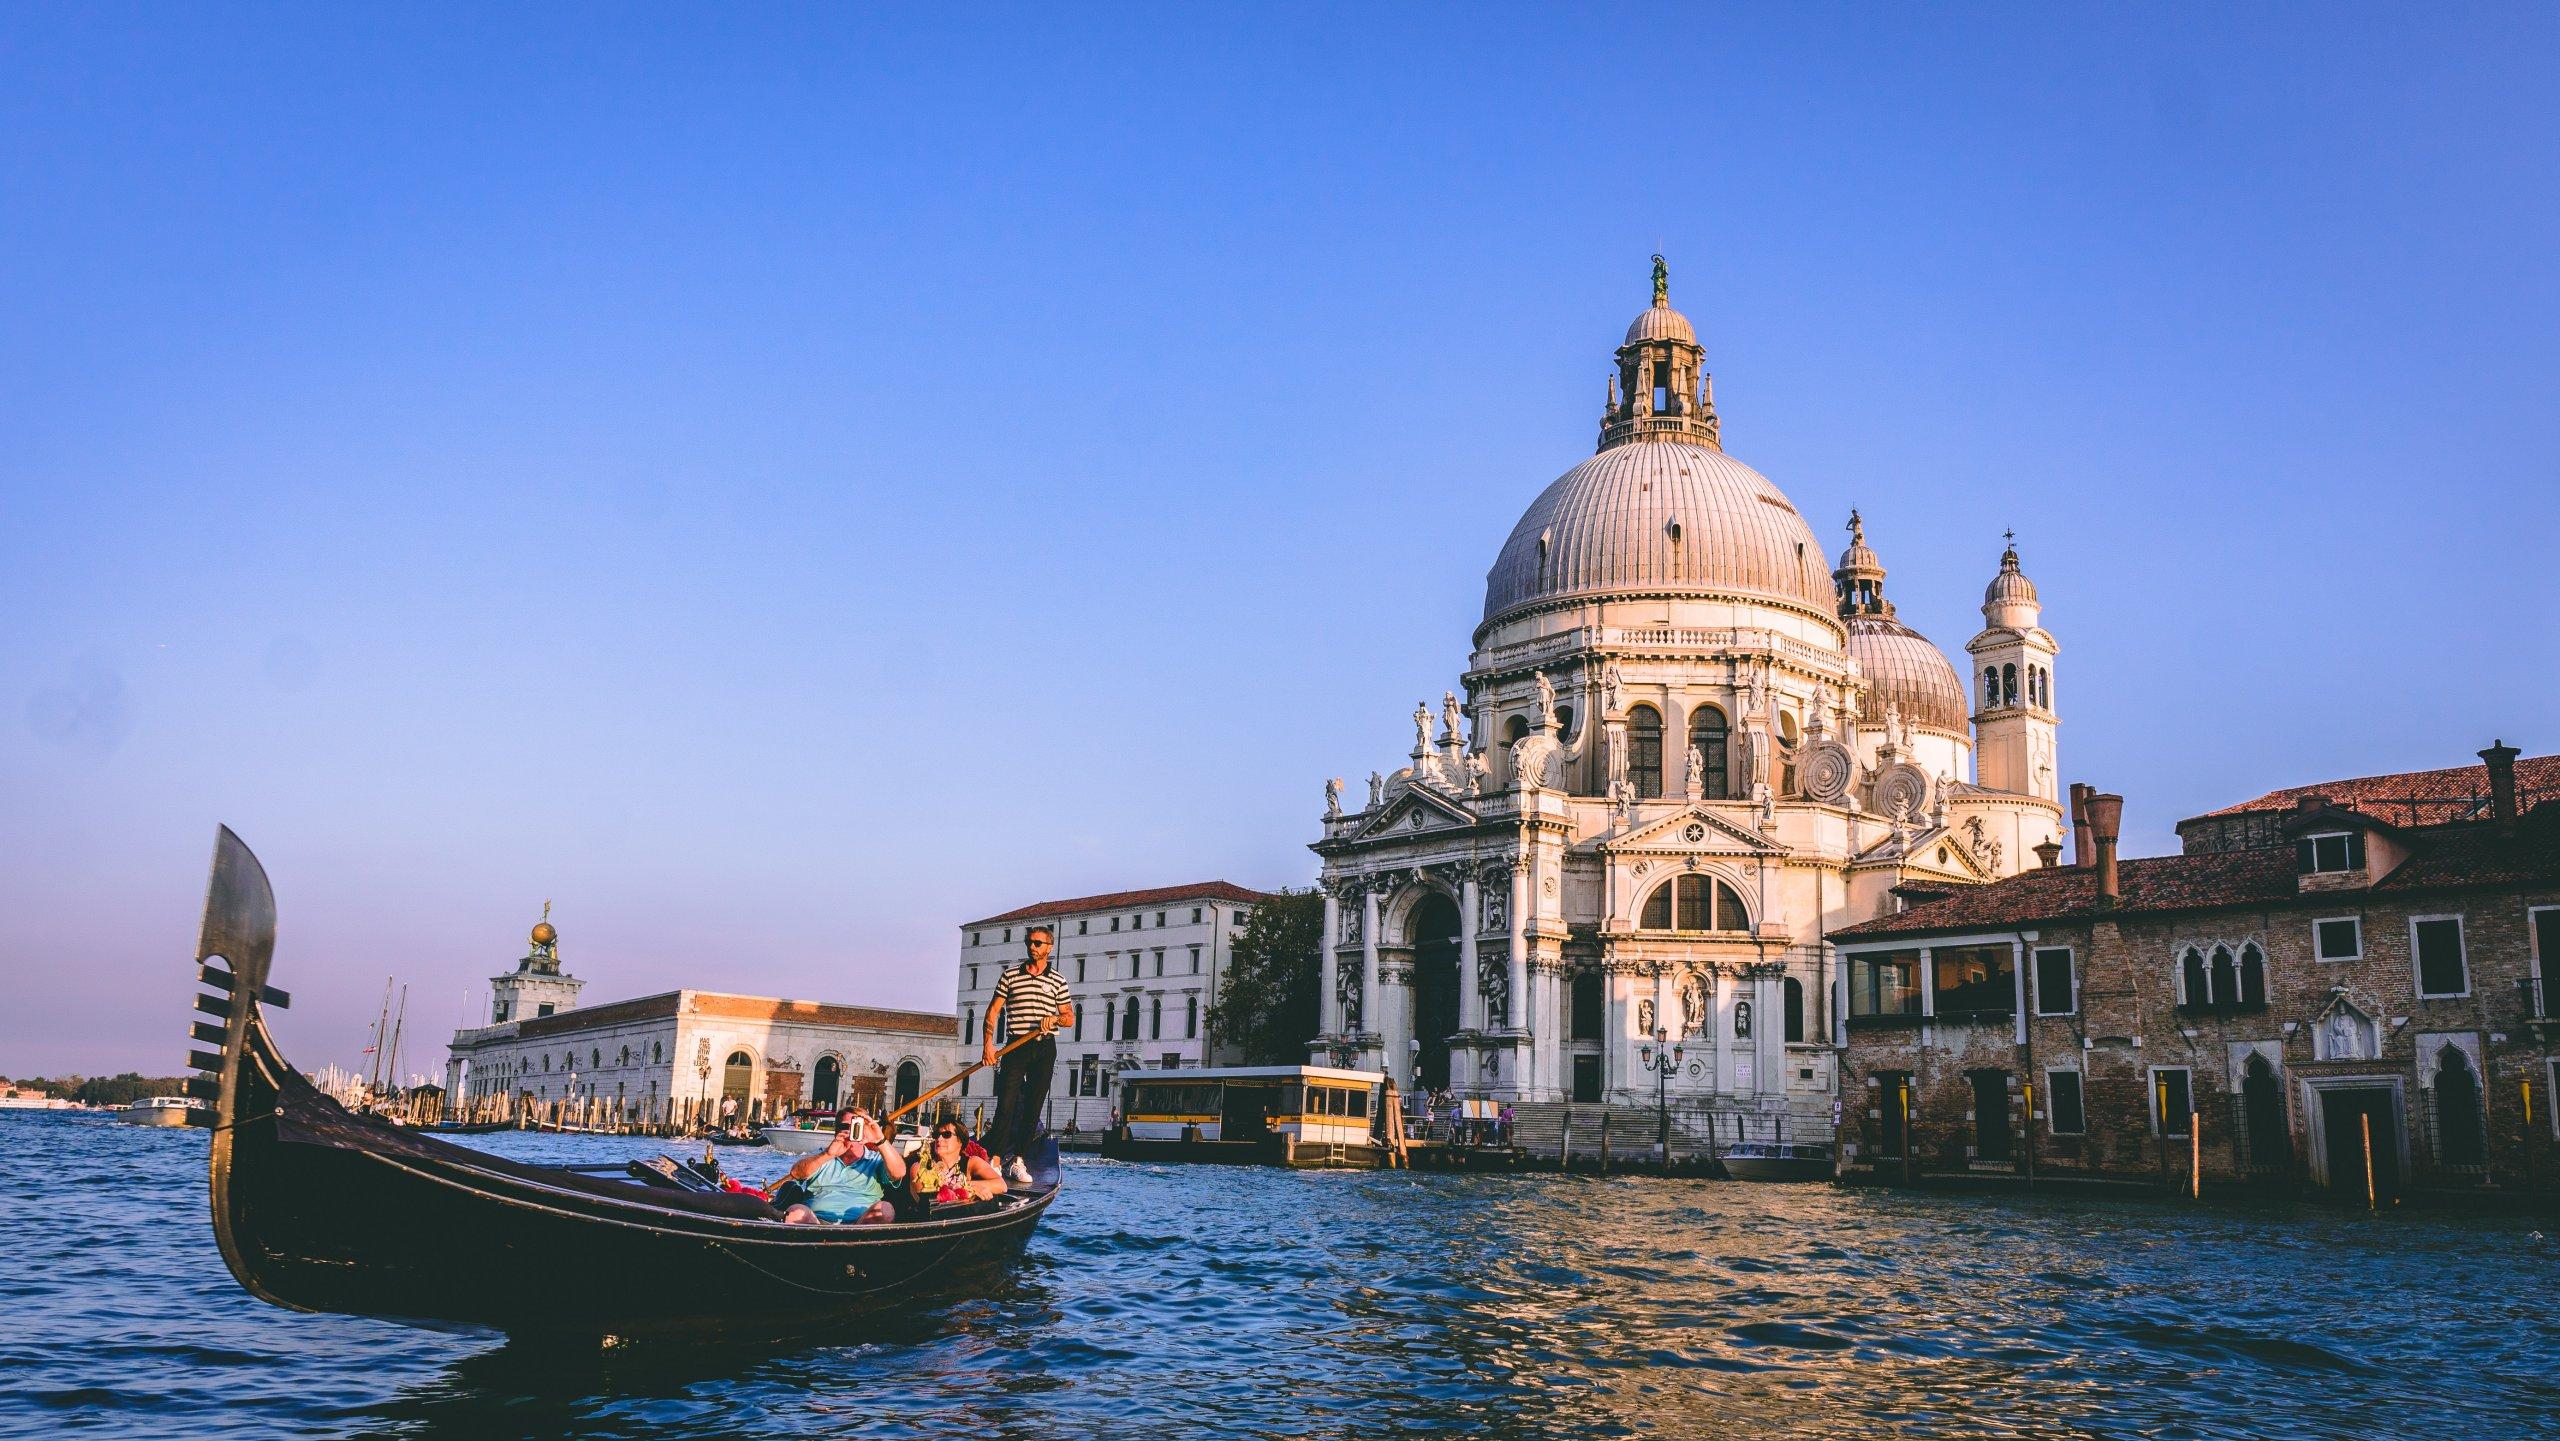 Venecija umalo stavljena na popis ugrožene svjetske baštine: Evo što to znači!